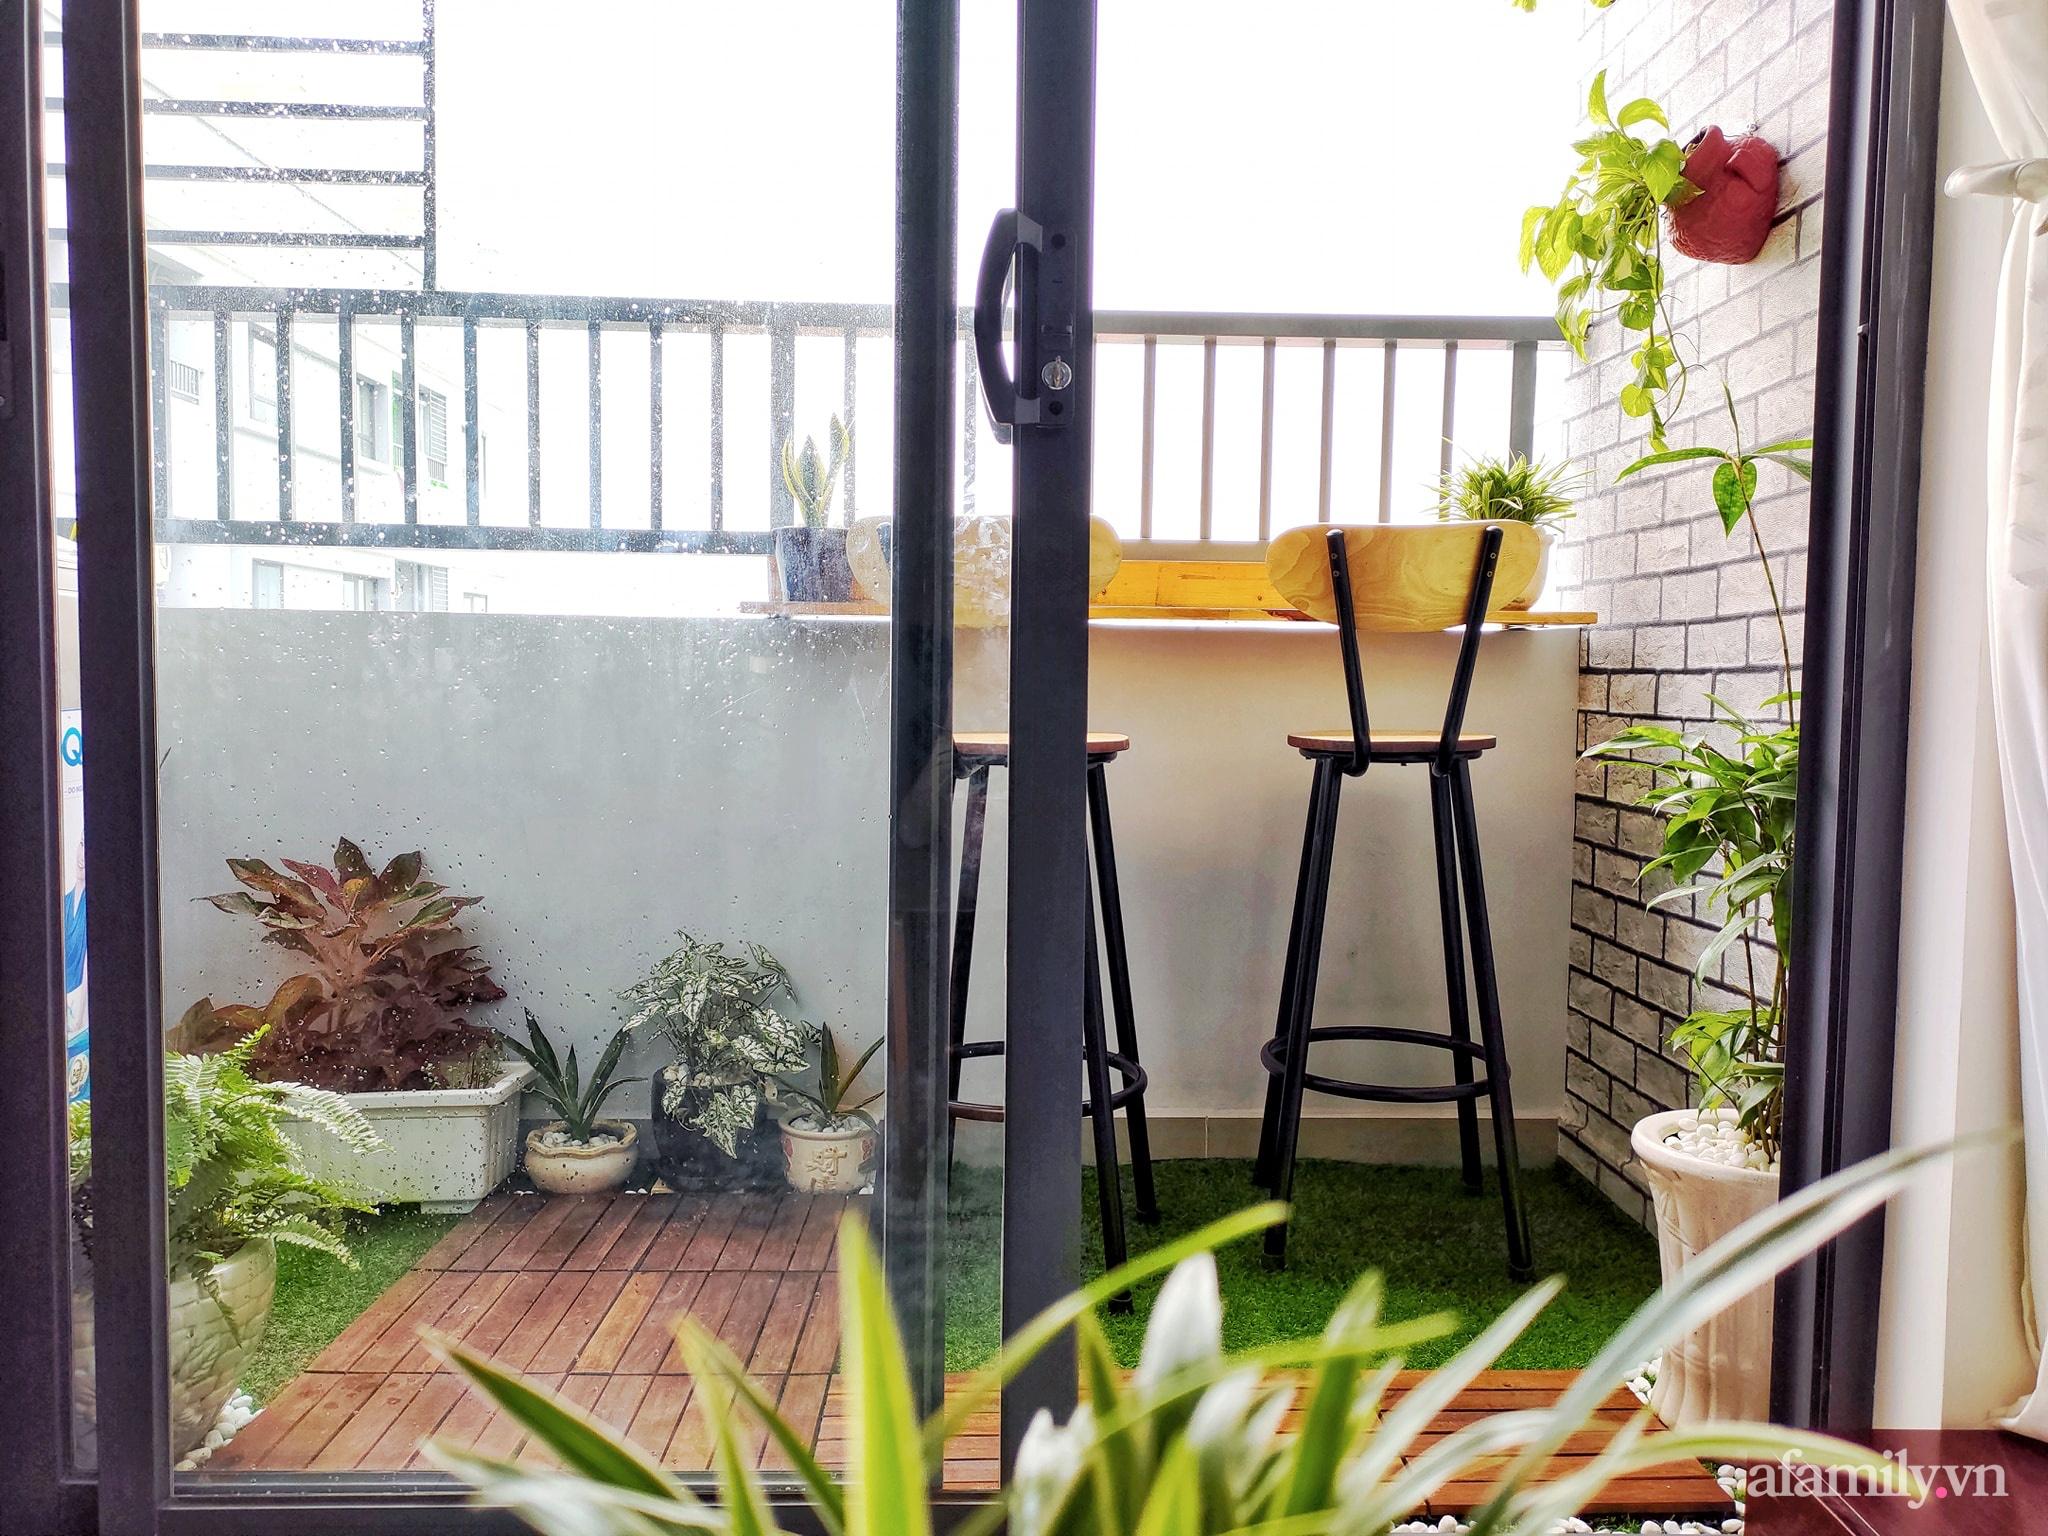 Căn hộ 70m² xanh tươi và ngập tràn ánh sáng với tổng chi phí đầu tư chỉ 46 triệu đồng của chàng trai độc thân ở Sài Gòn - Ảnh 8.